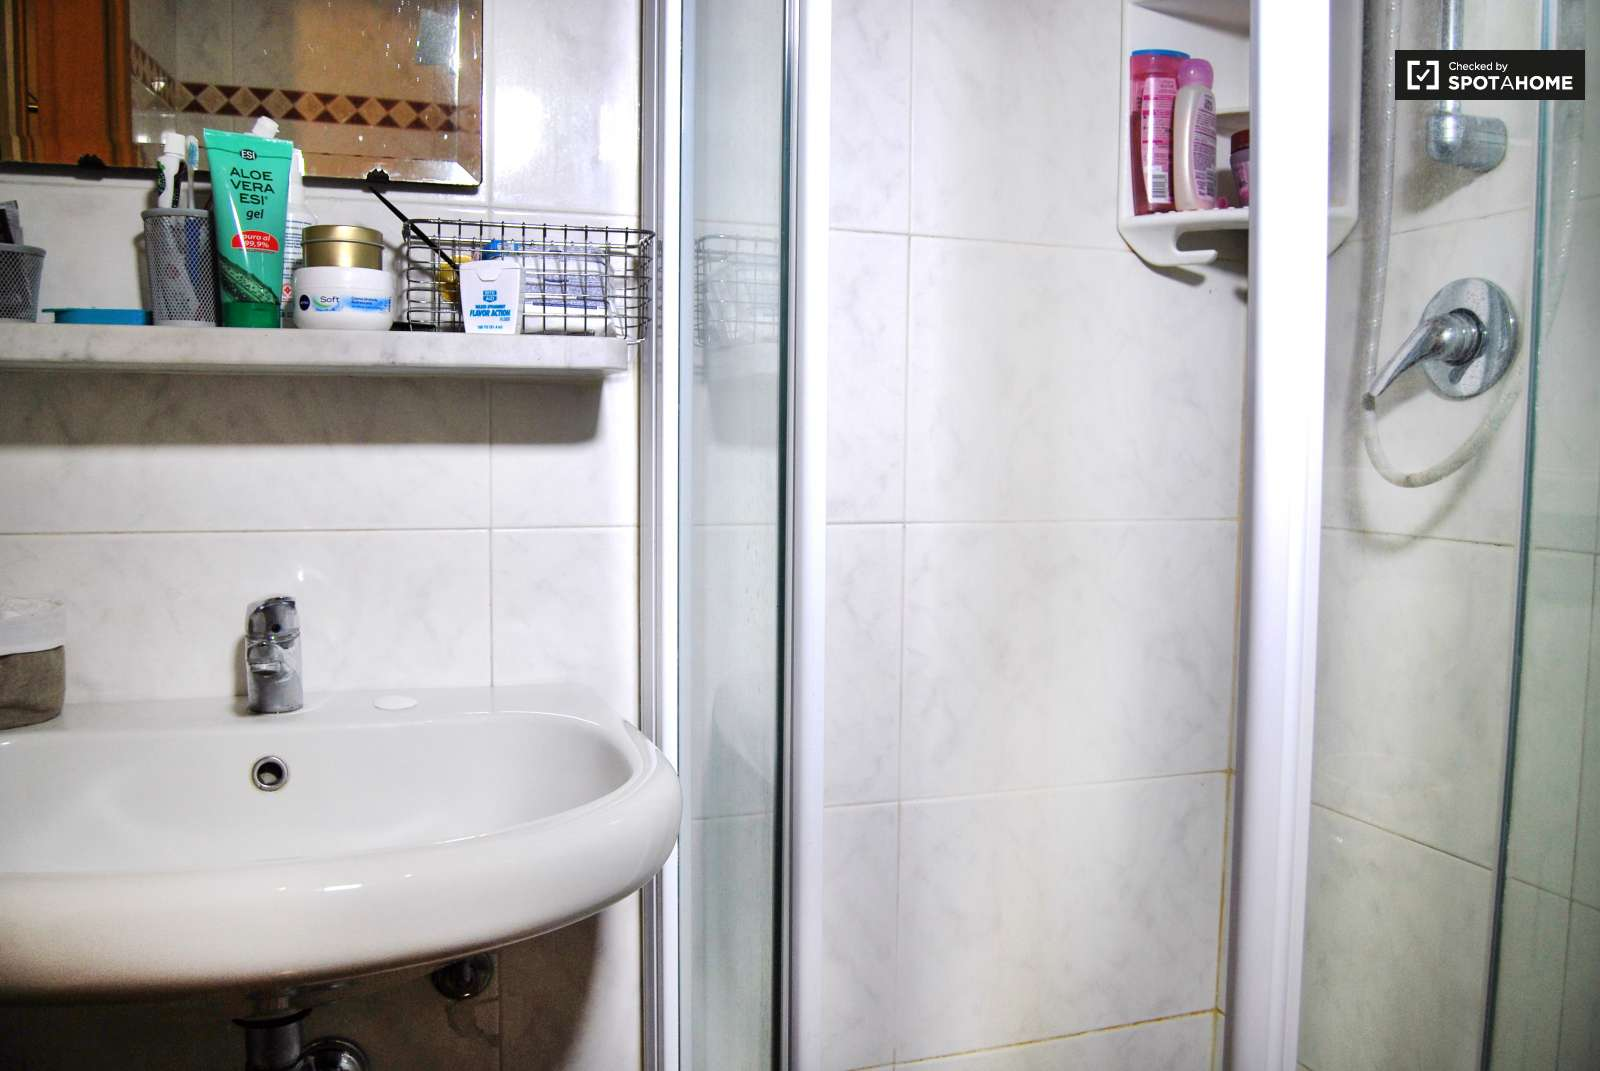 Stanza con bagno privato nell 39 elegante quartiere di brera milano ref 92017 spotahome - Stanza con bagno privato roma ...